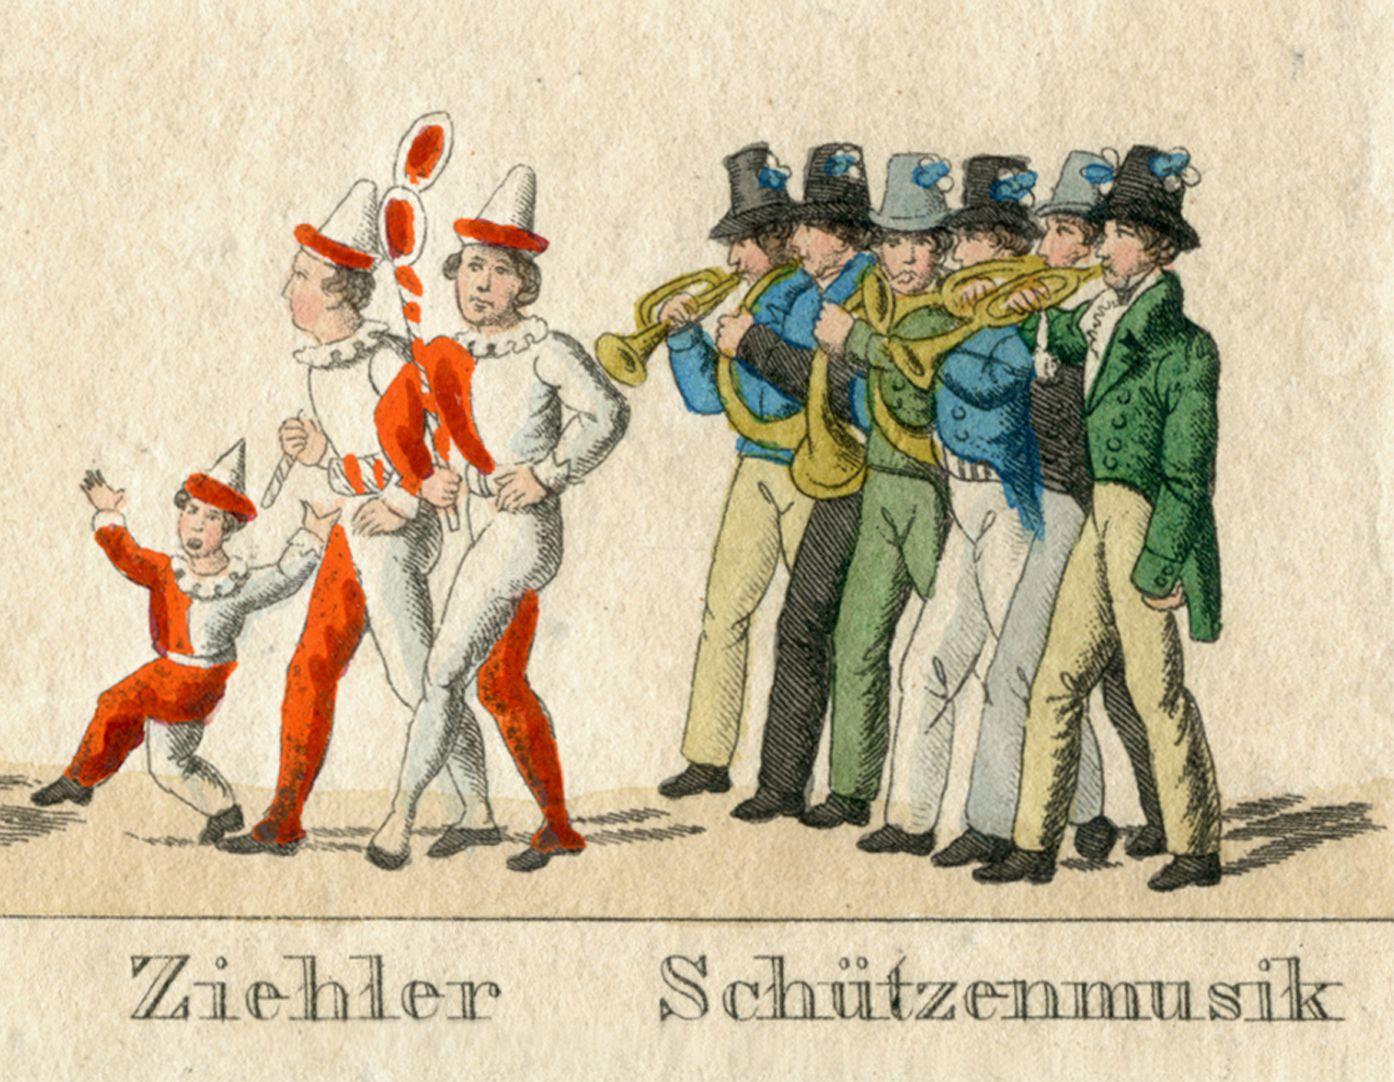 Das Volksfest in Nürnberg. II. zweite Zeile von oben, Ziehler   Schützenmusik